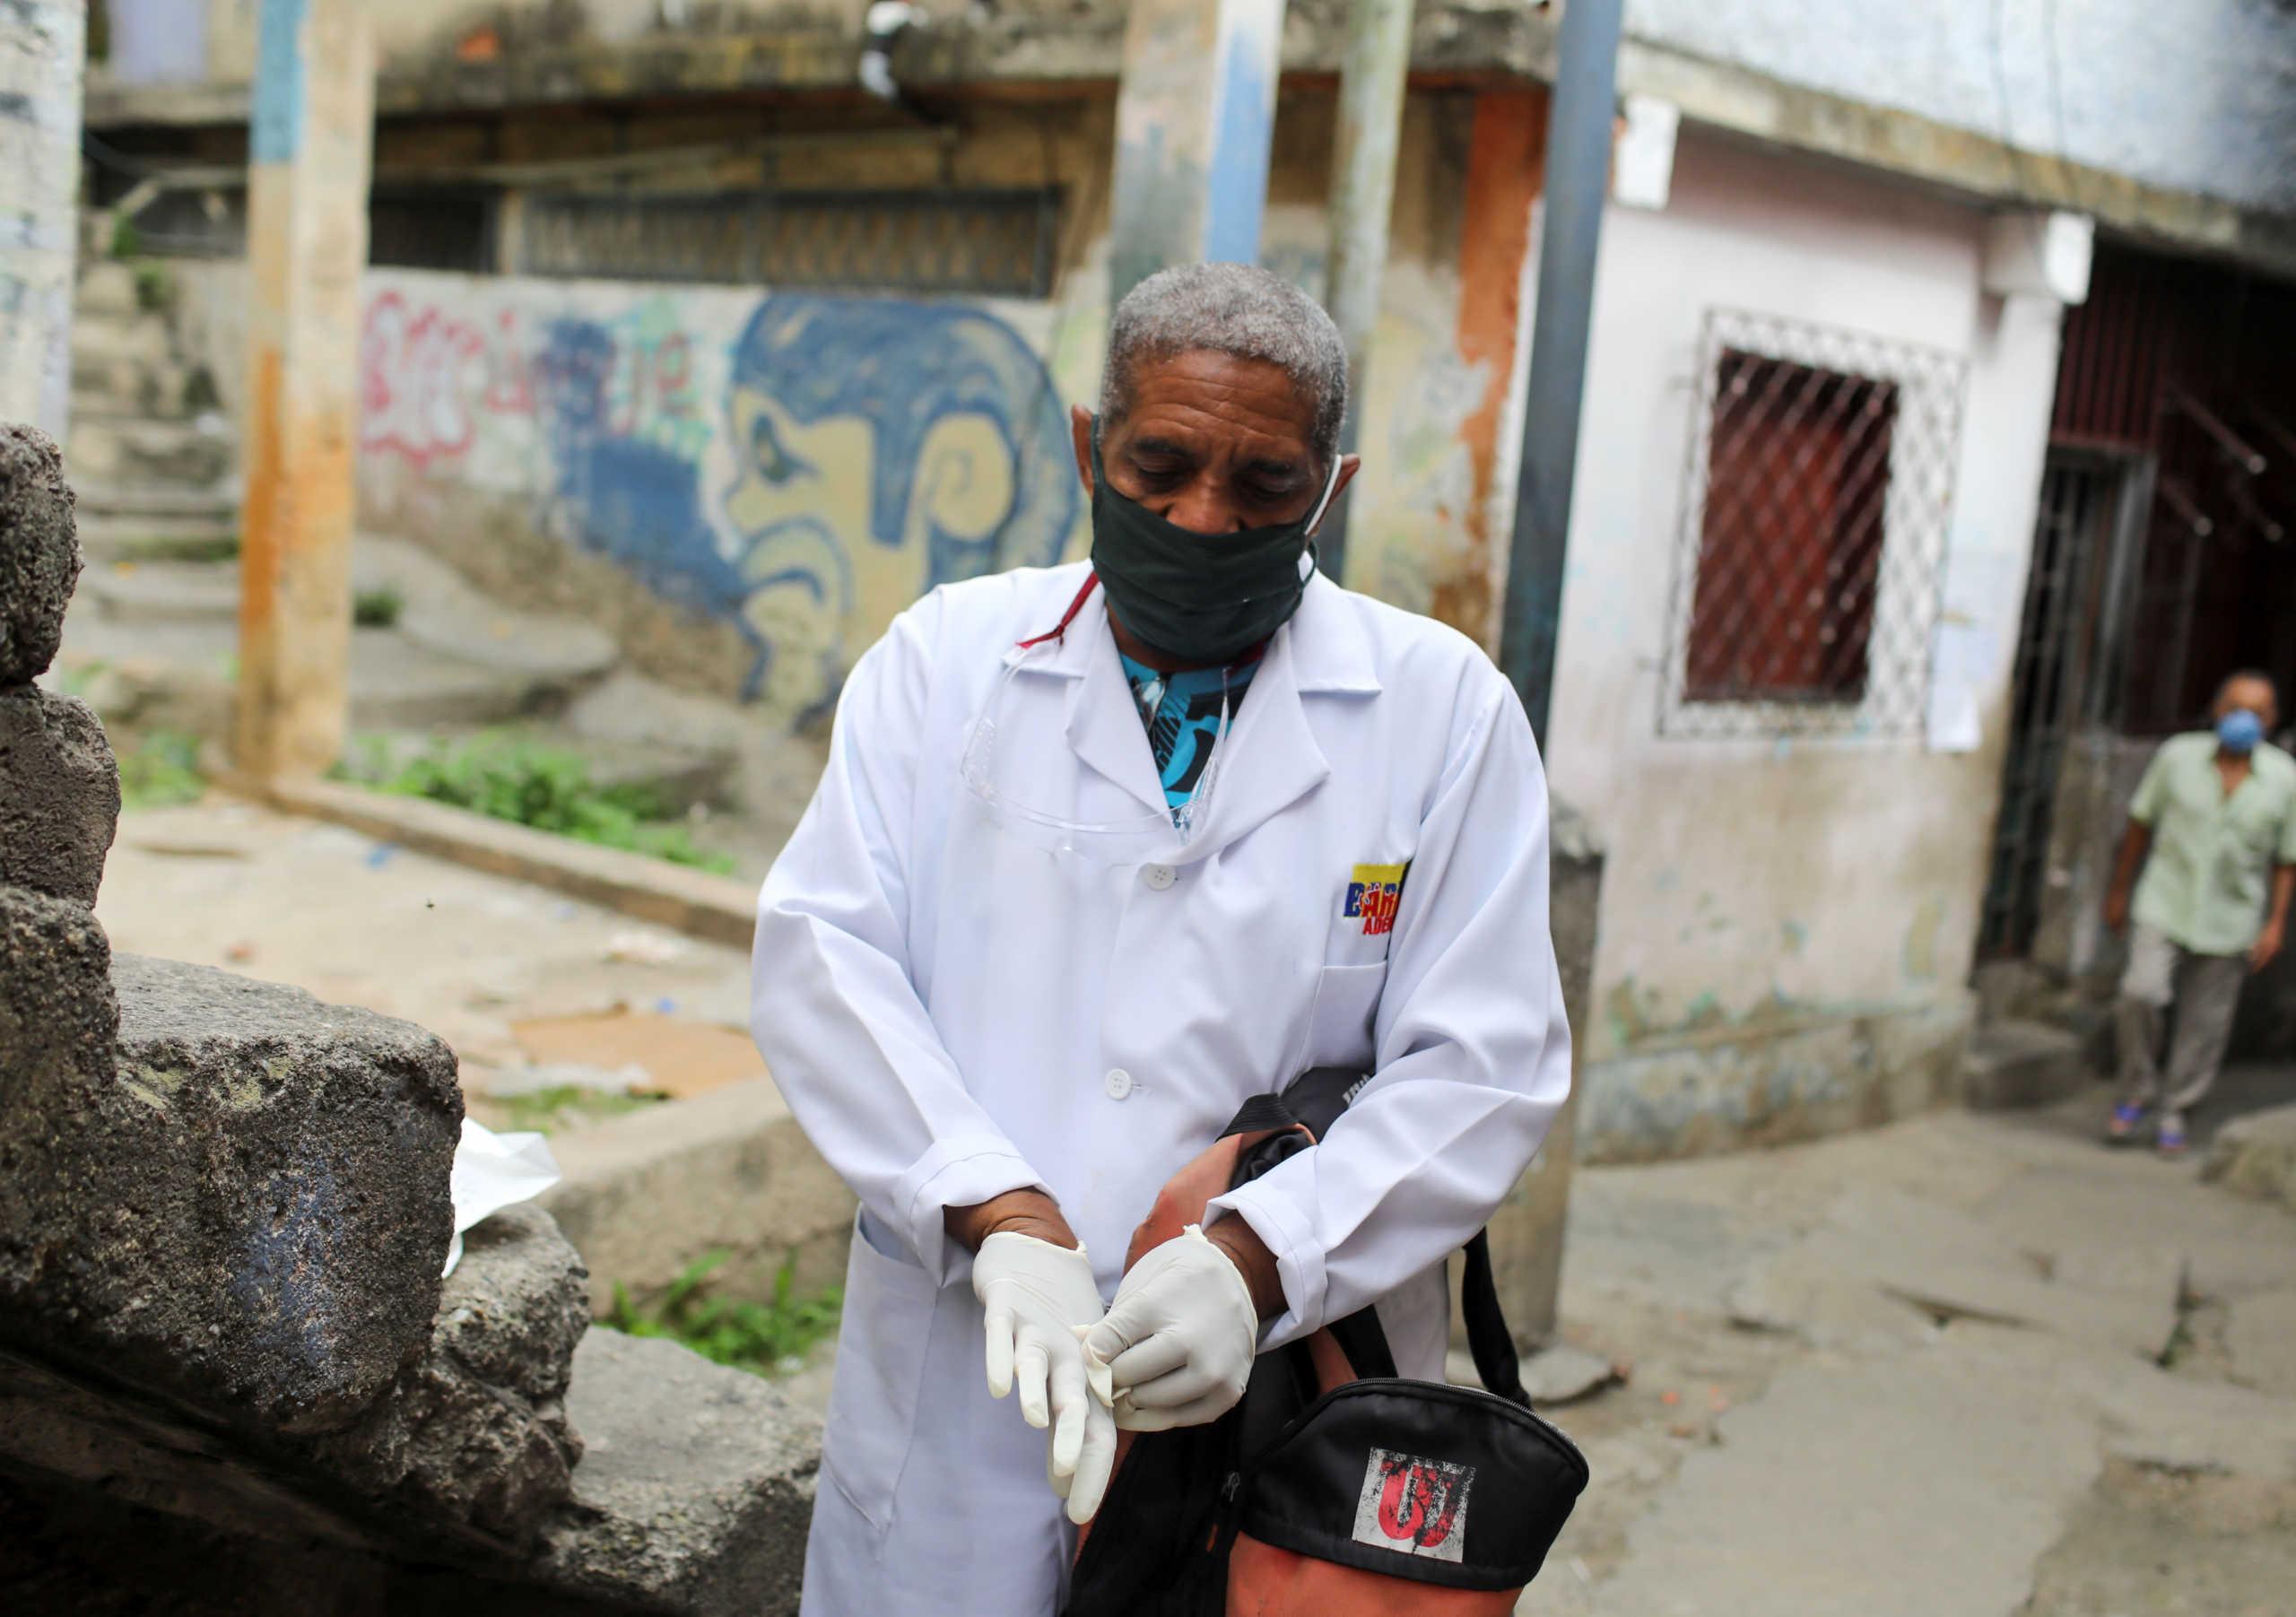 Αυστηρή καραντίνα σε Καράκας και Πολιτεία Μιράντα μετά την αύξηση κρουσμάτων κορονοϊού